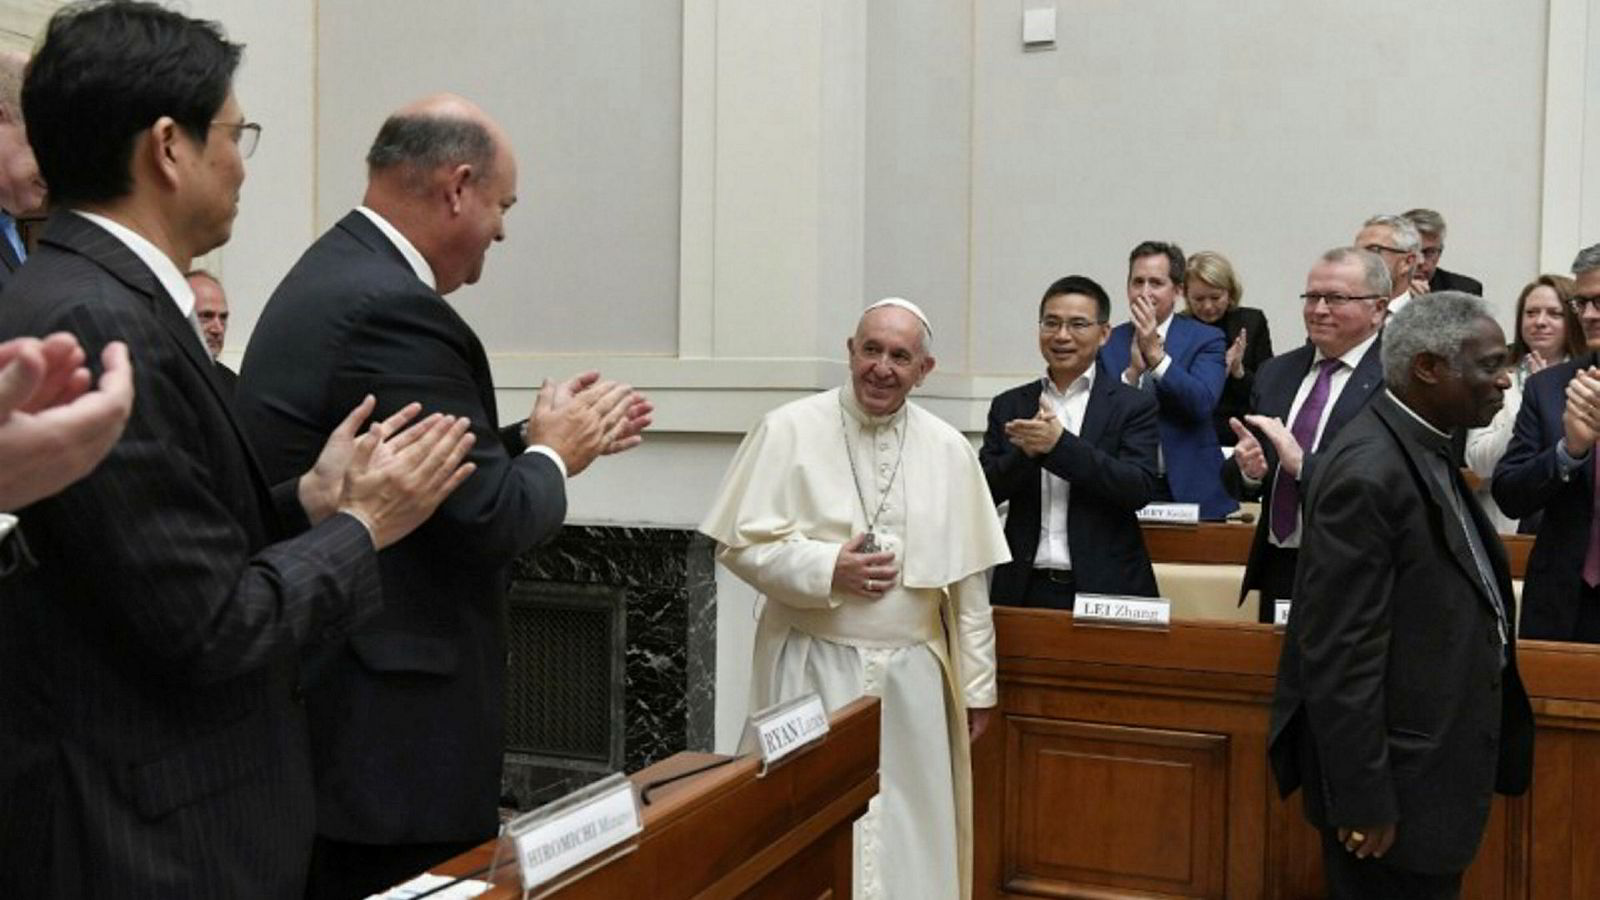 Klima. Equinor-sjef Eldar Sætre (til høyre) var fredag i klimadialog med Pave Frans i Vatikanet. Mannen til venstre for paven er toppsjef Ryan Lance i ConocoPhillips.